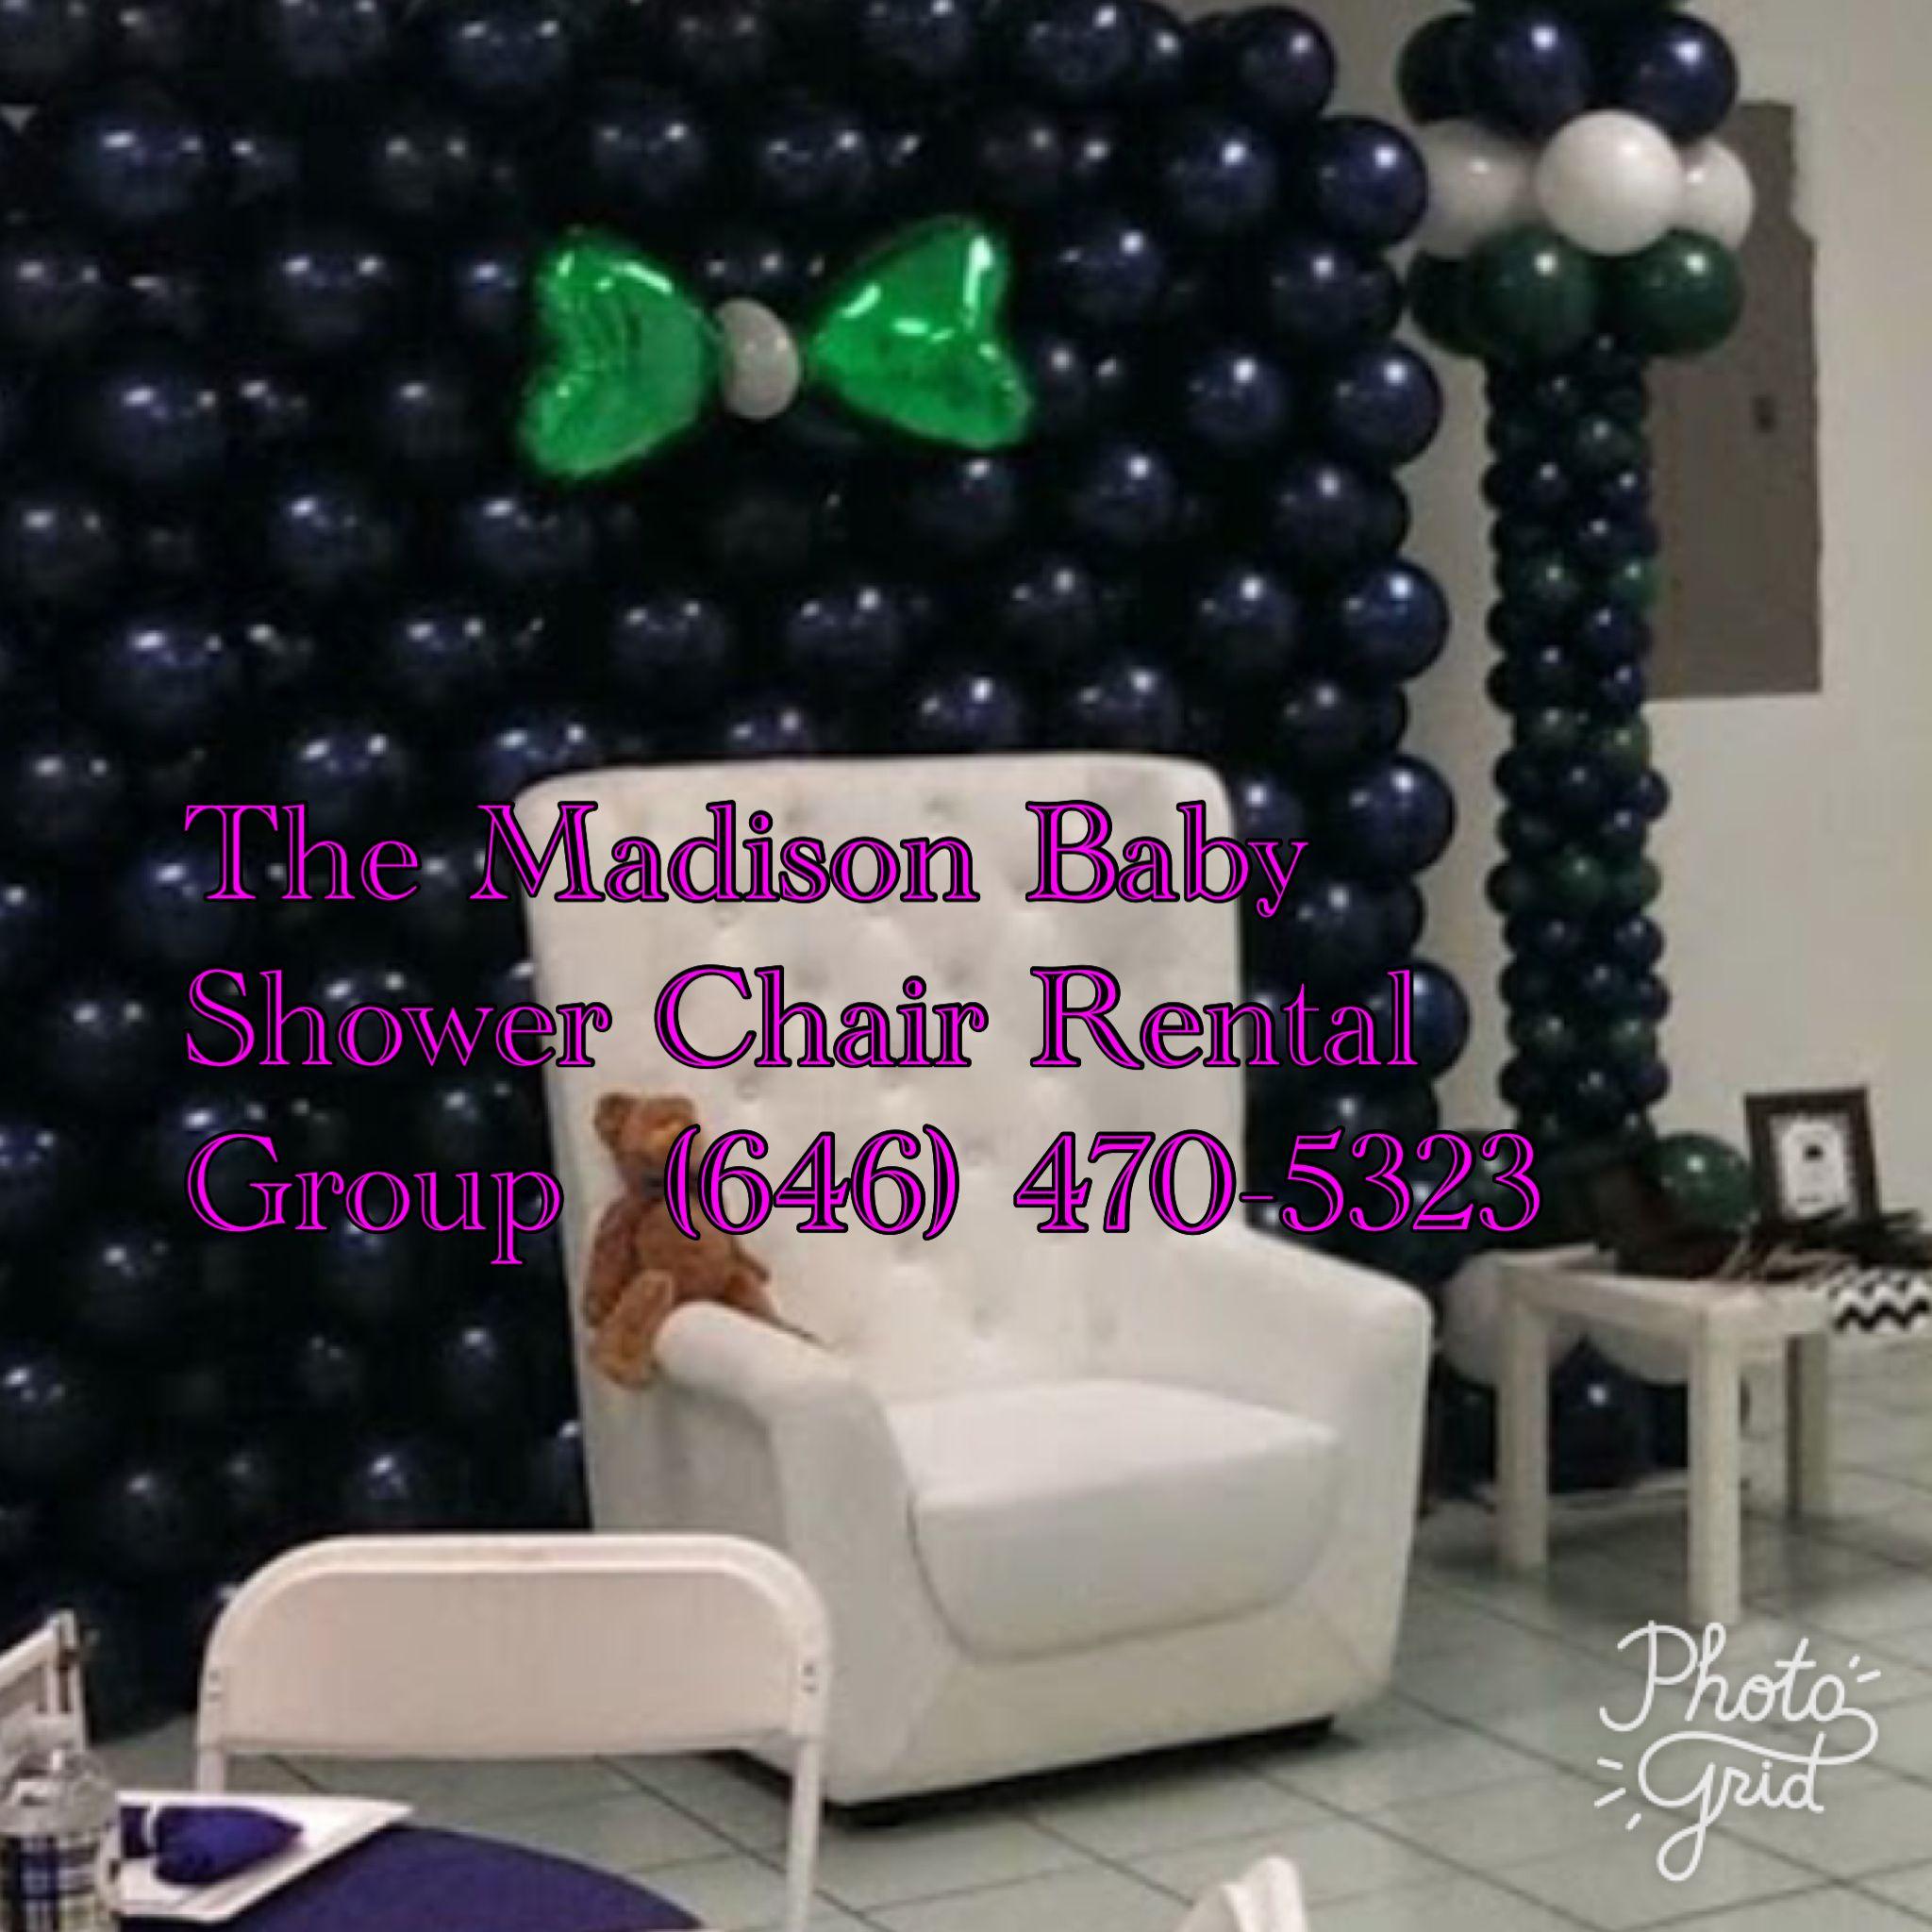 Baby Shower Chair Rental Throne Chair Rental Www Babyshowerchairrentals Com Baby Shower Chair Shower Chair Chair